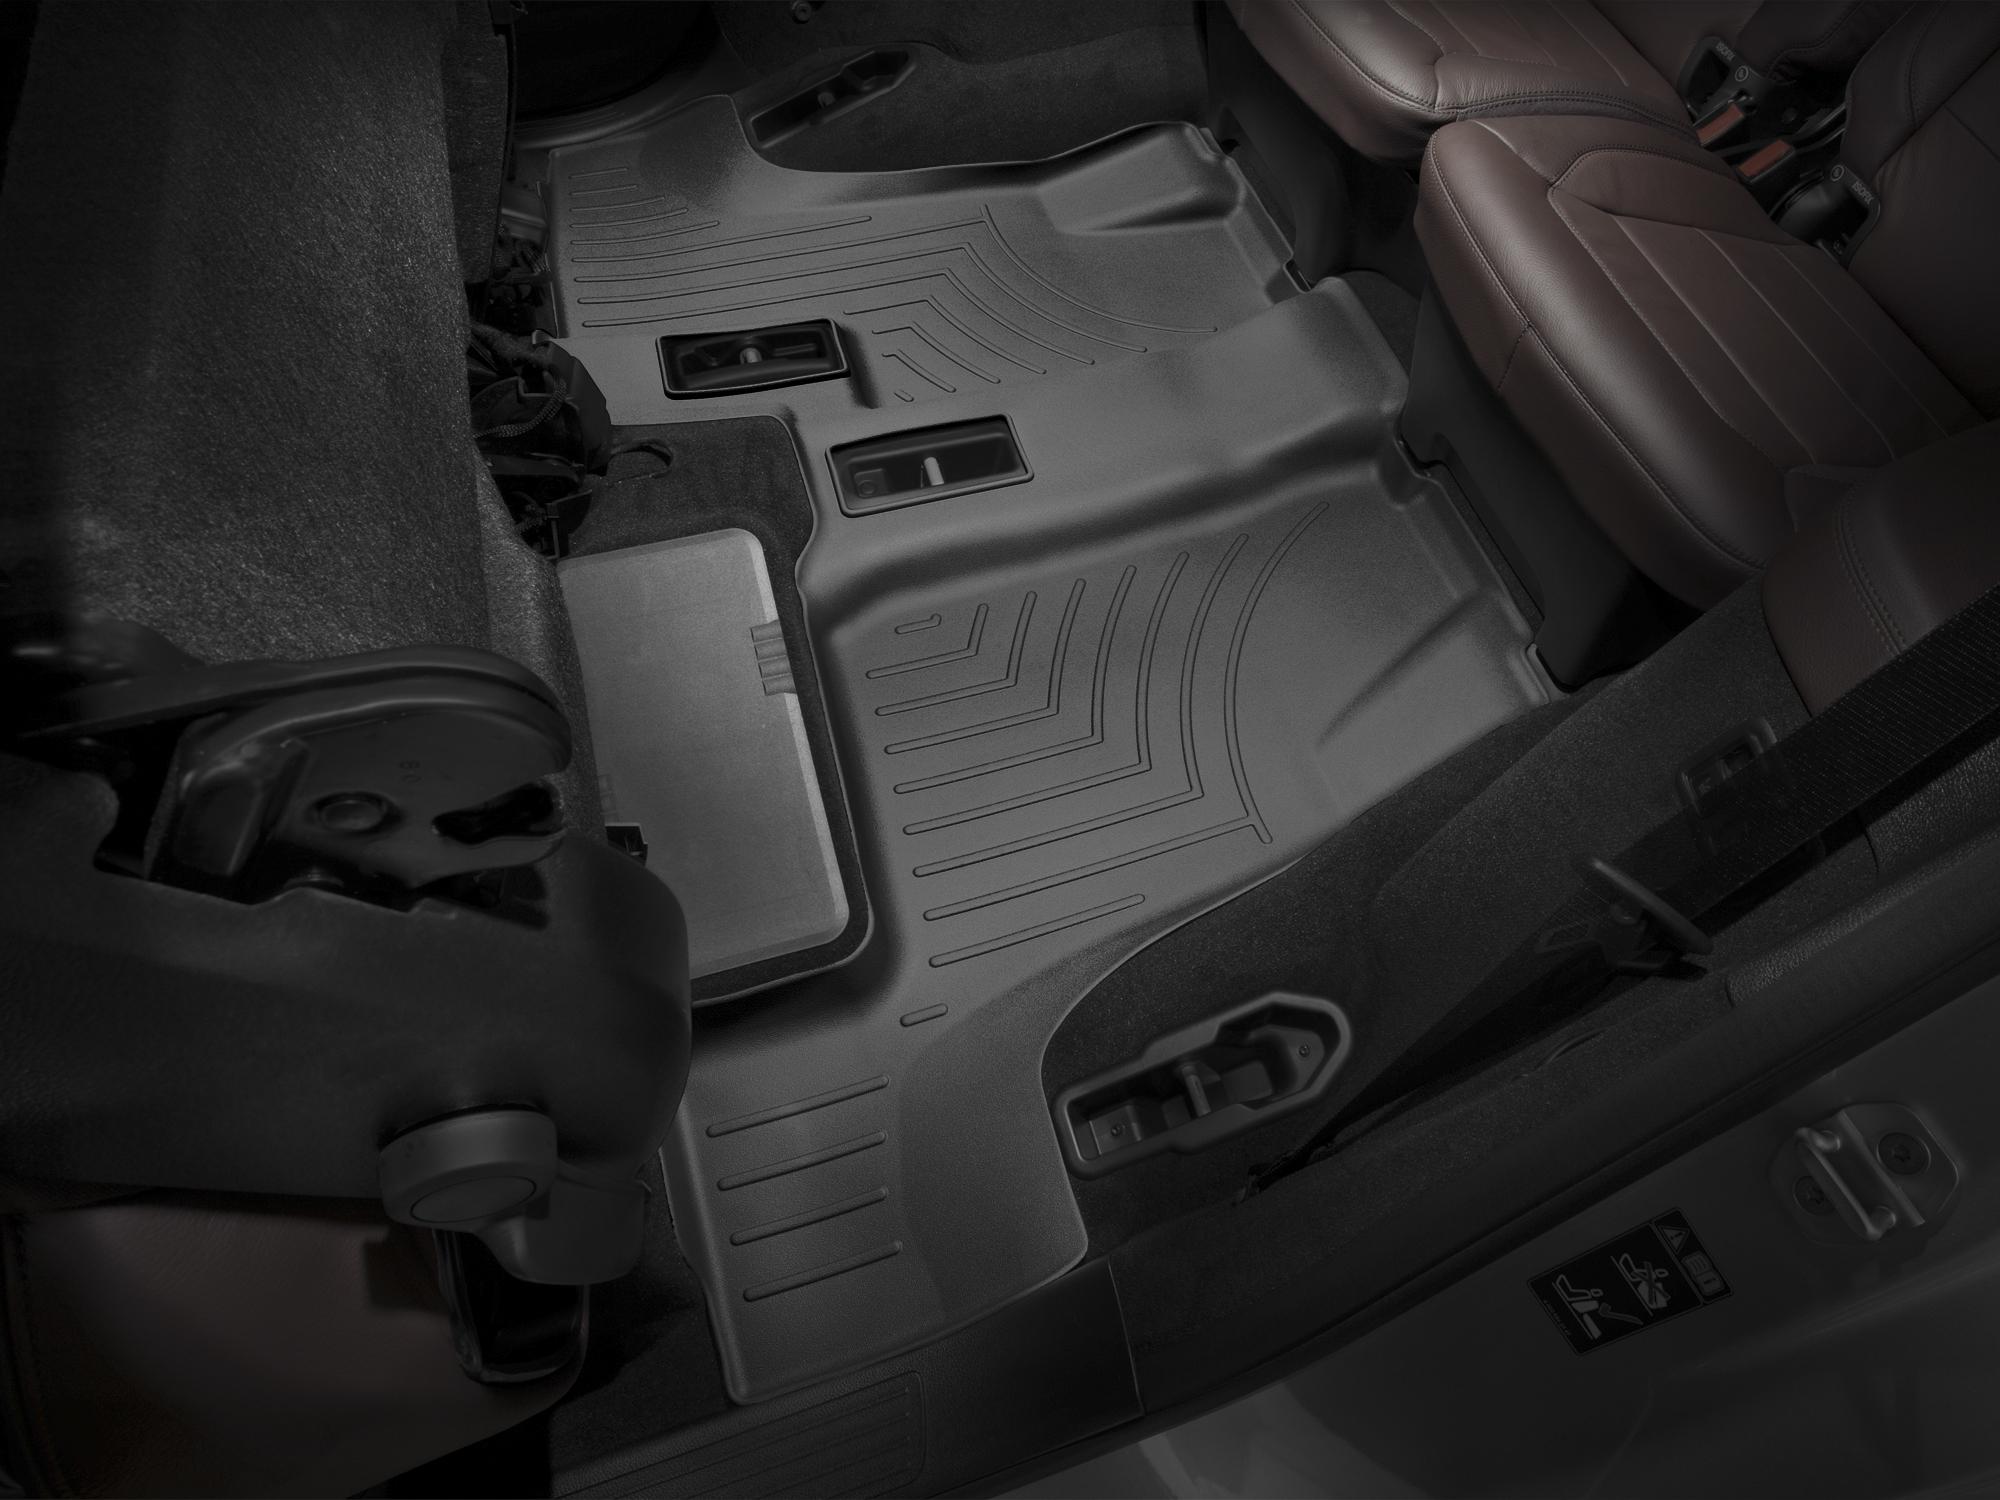 Tappeti gomma su misura bordo alto Mercedes GLS-Class 15>17 Nero A2518